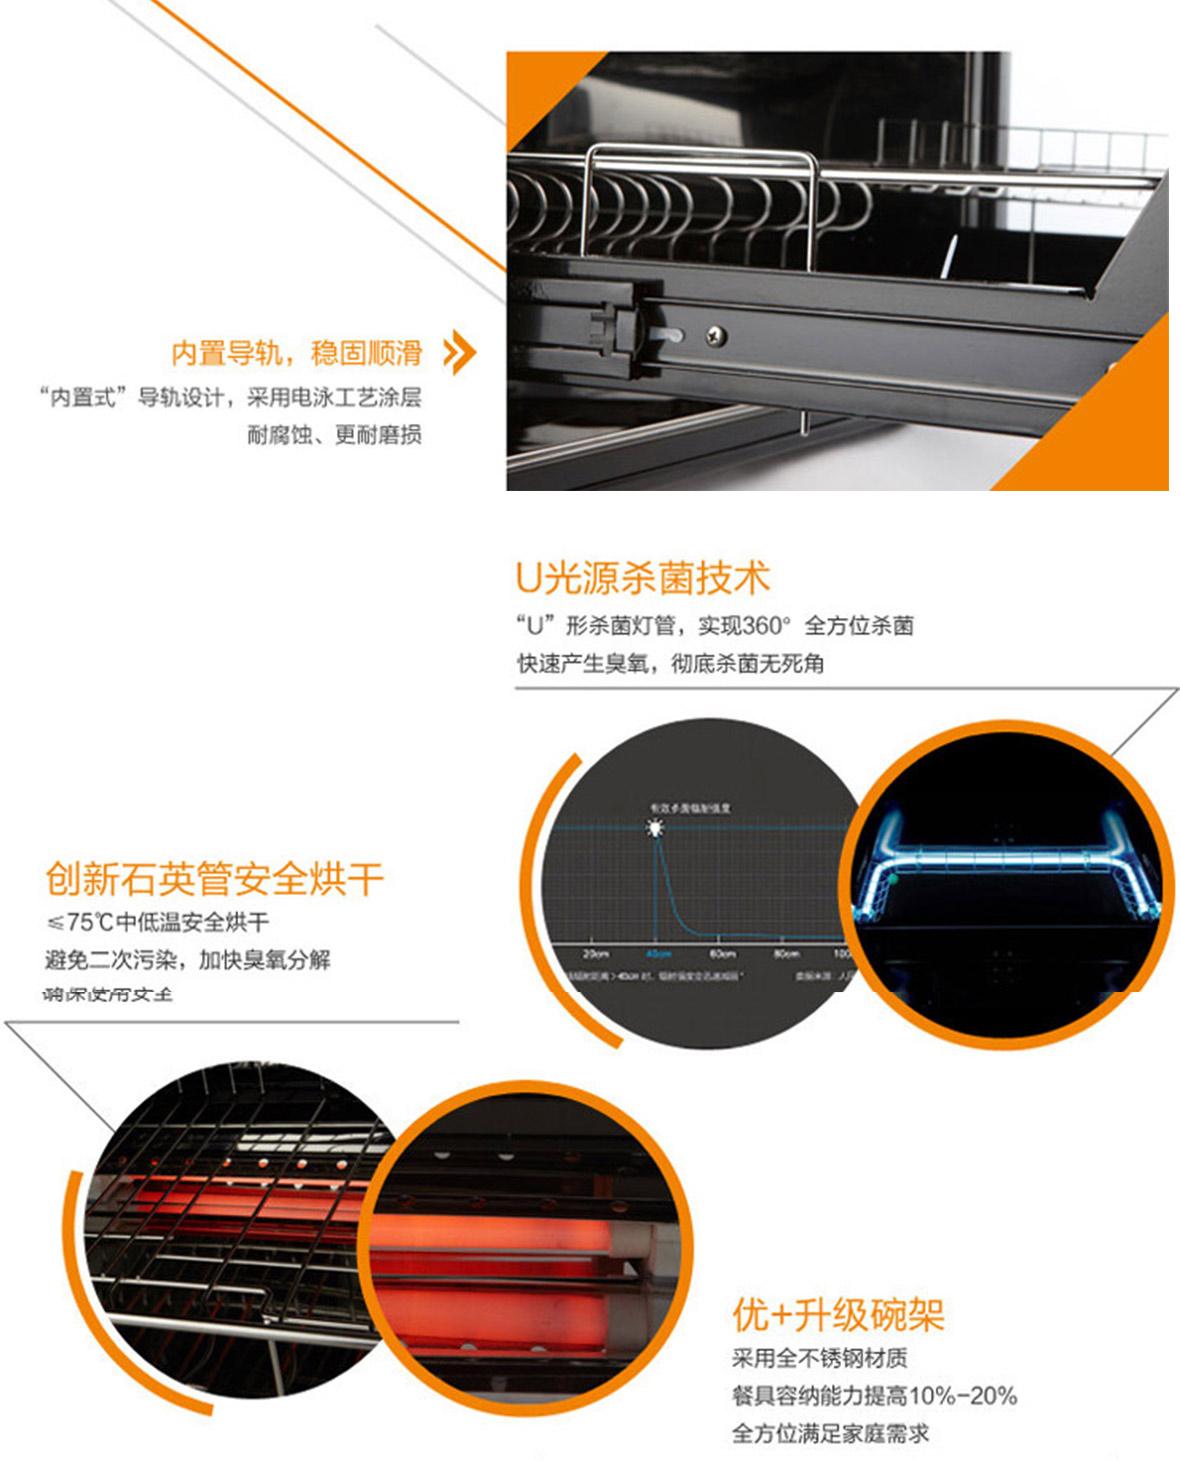 方太消毒柜 ZTD-100J-13型号 嵌入式消毒柜